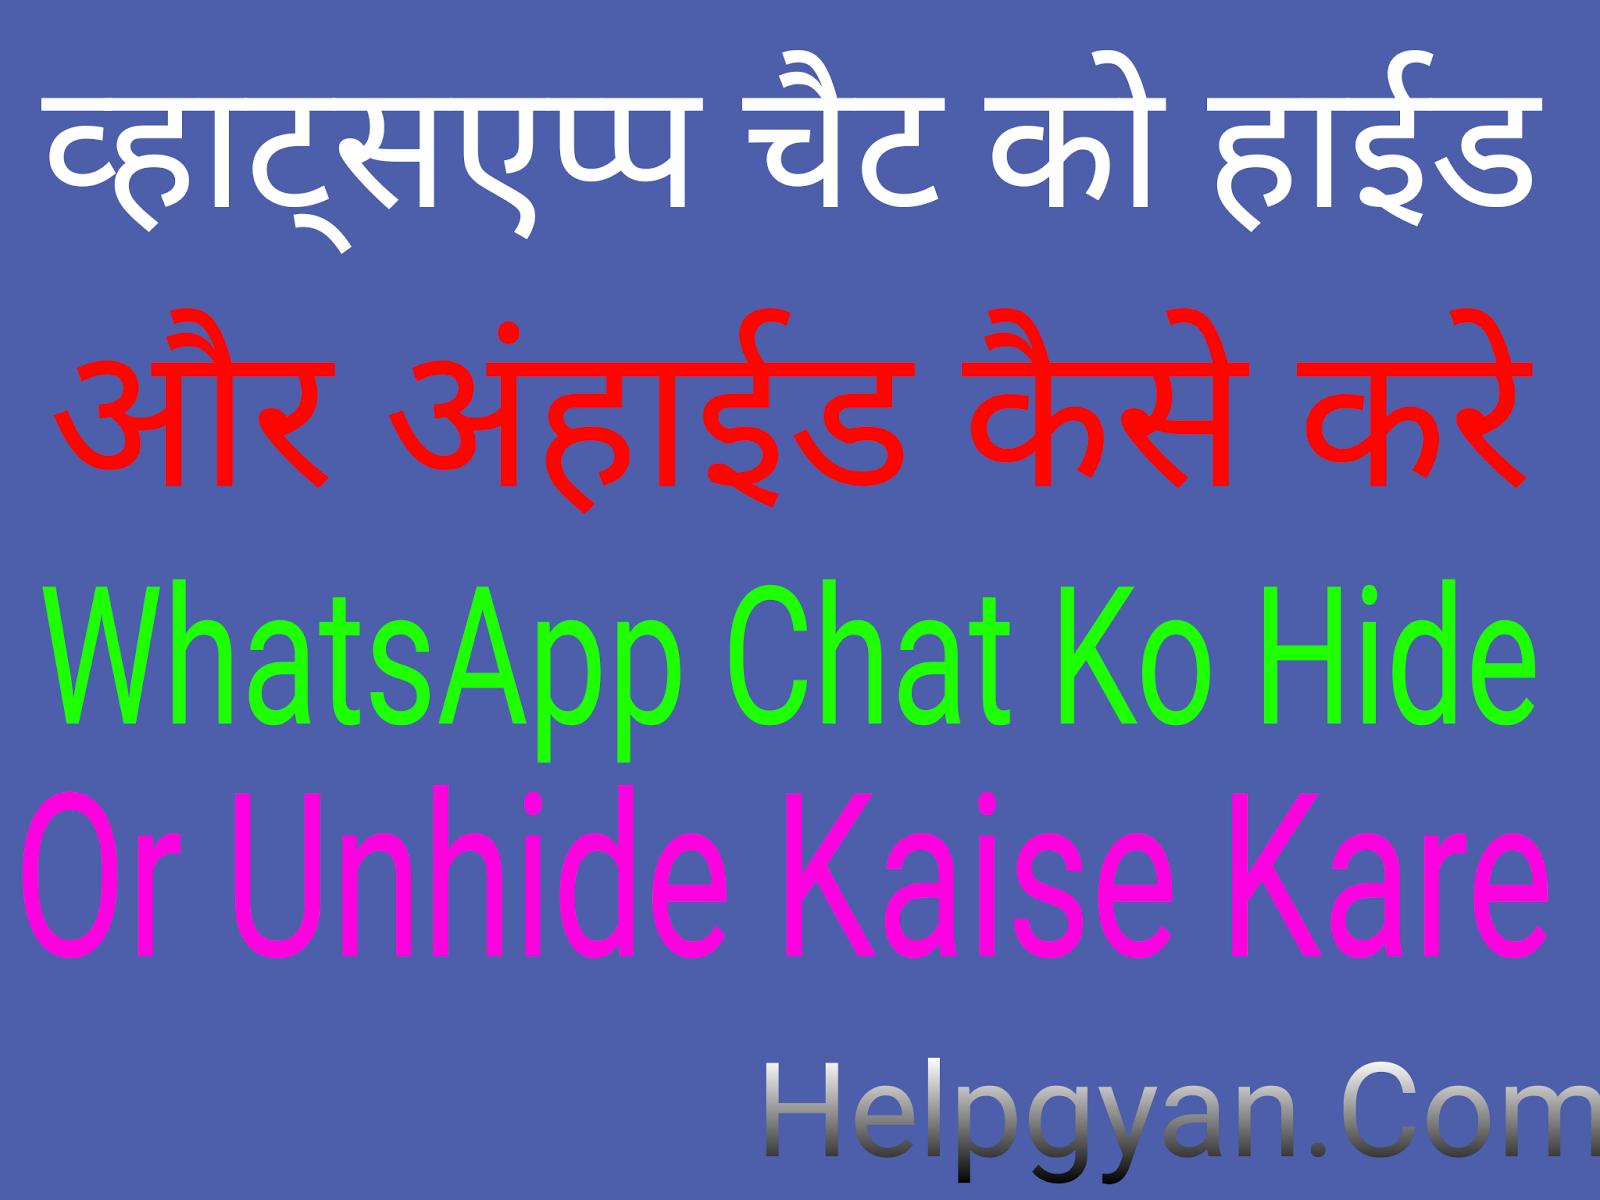 Whatsapp-Chat-Ko-Hide-Or-Unhide-Kaise-Karte-Hai